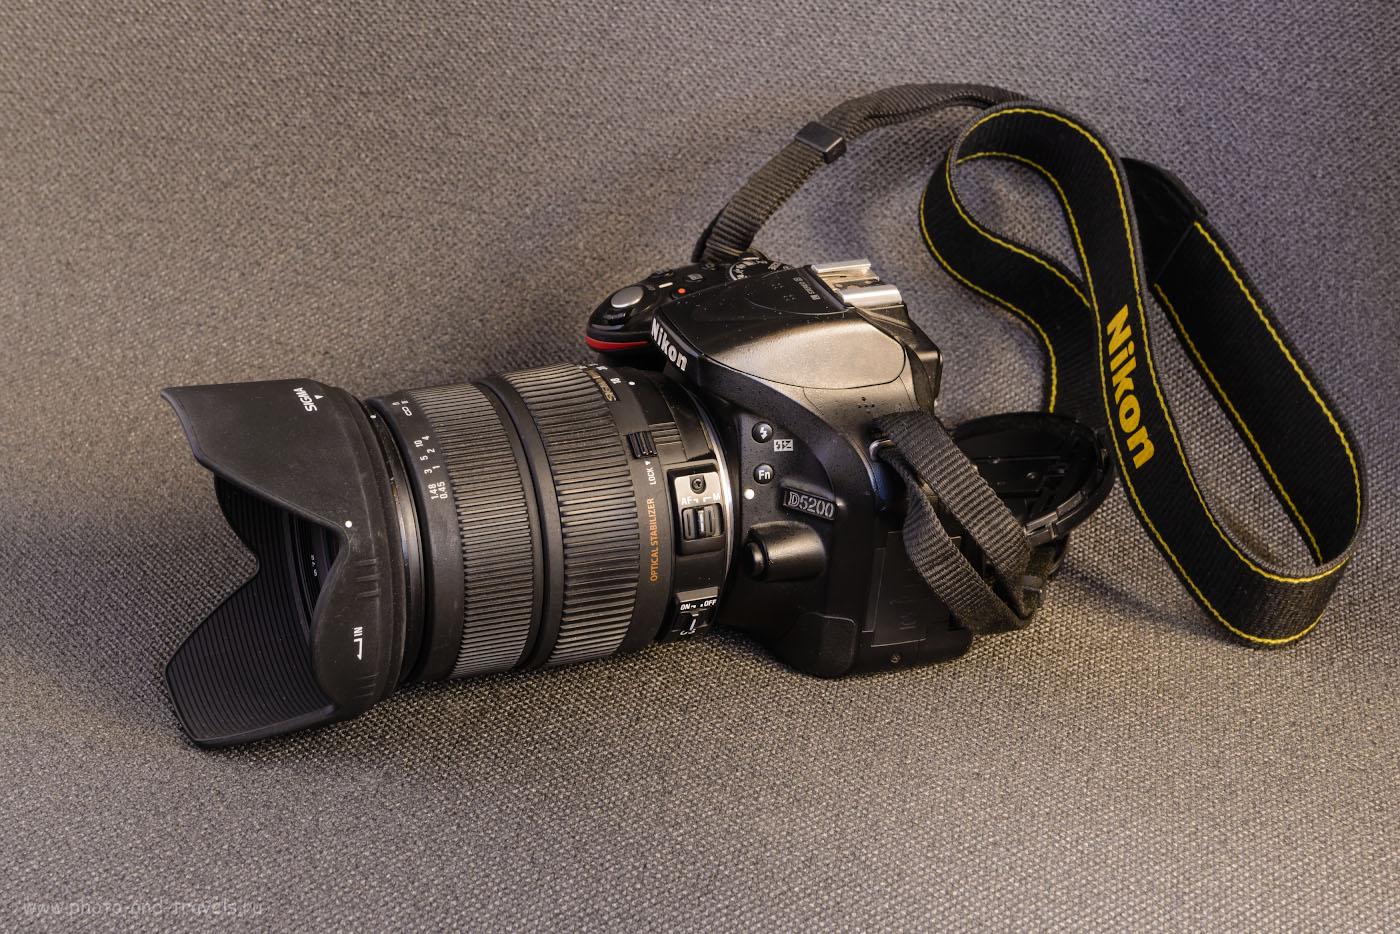 Фото 1. Внешний вид объектива Sigma 18-200, установленного на тушку Nikon D5200.